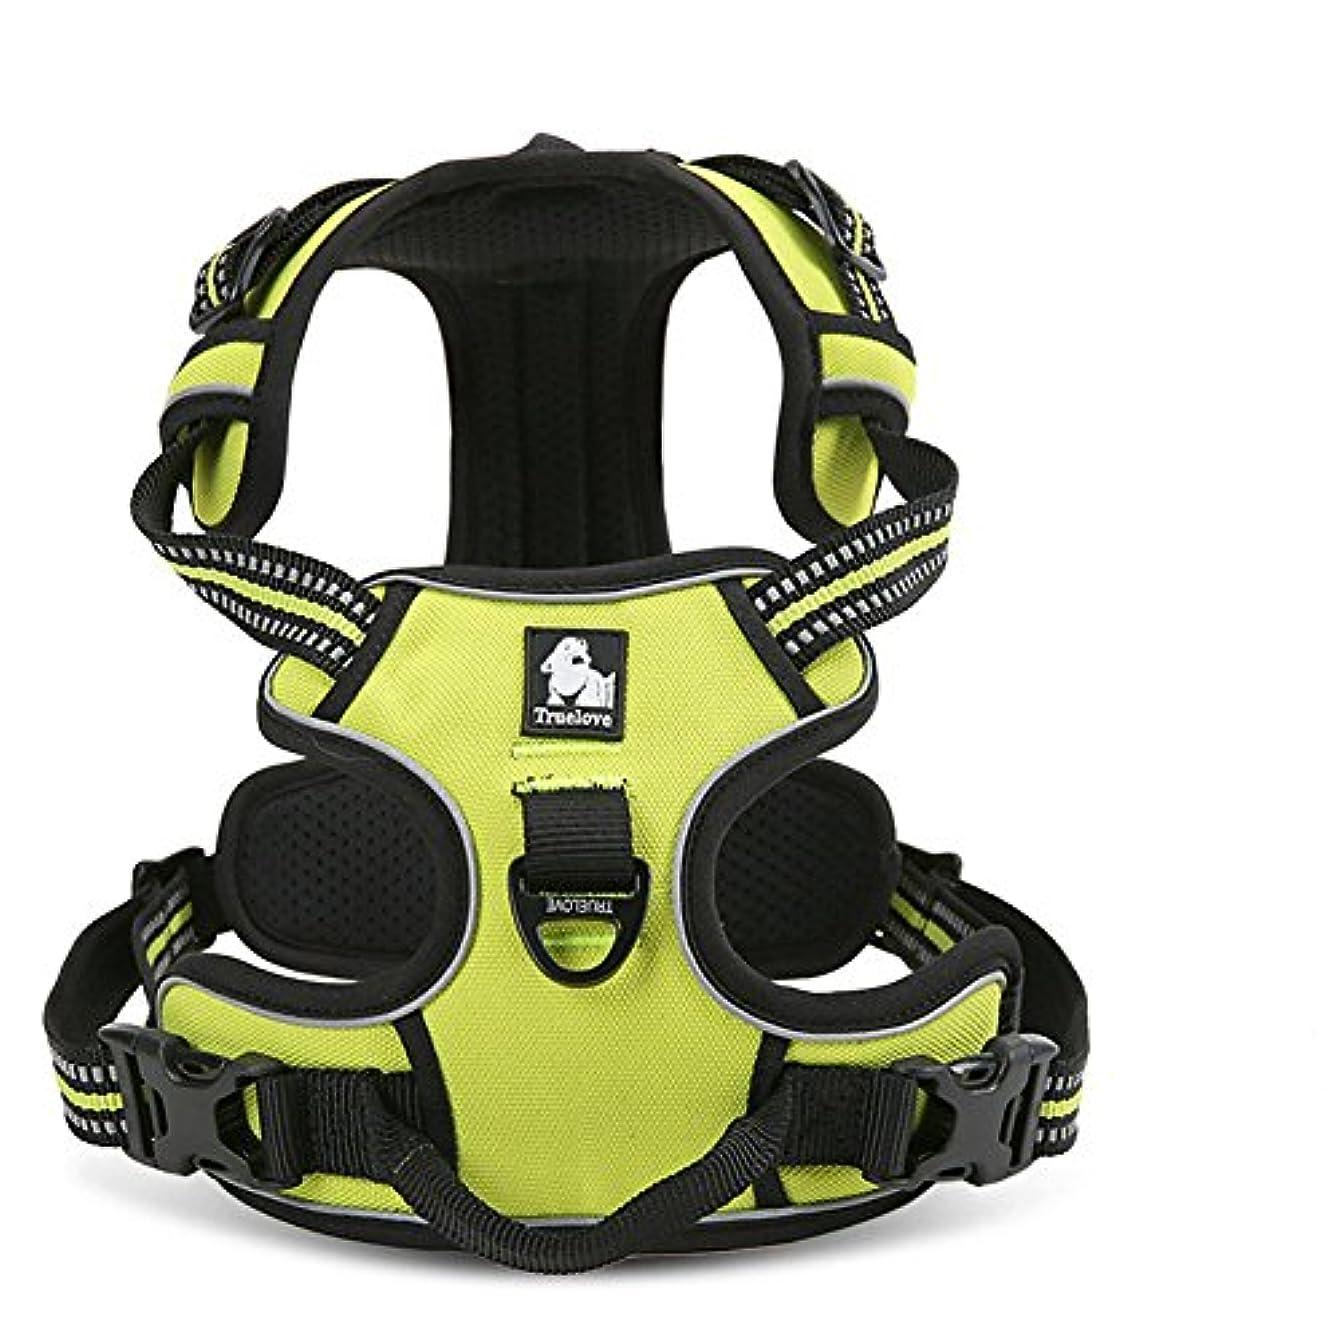 最初に魔女開いたUmora 犬用ハーネス 車 戸外用 3m反射材料付 調整可能 耐久性 装着簡単 トレーニング(S グリーン)